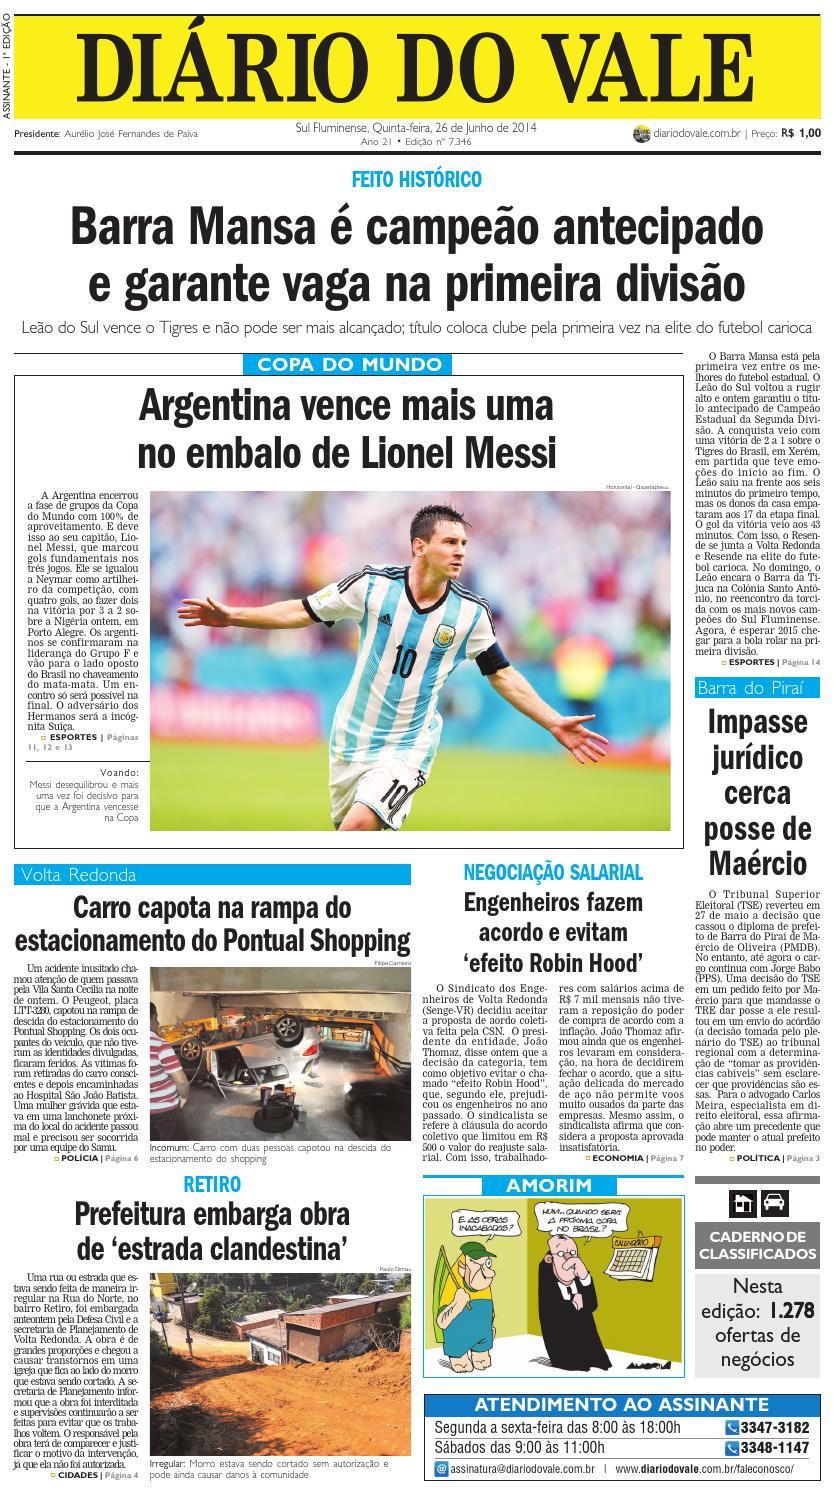 c462e74eaa 7346 diario do vale quinta feira 26 06 2014 by Diário do Vale - issuu